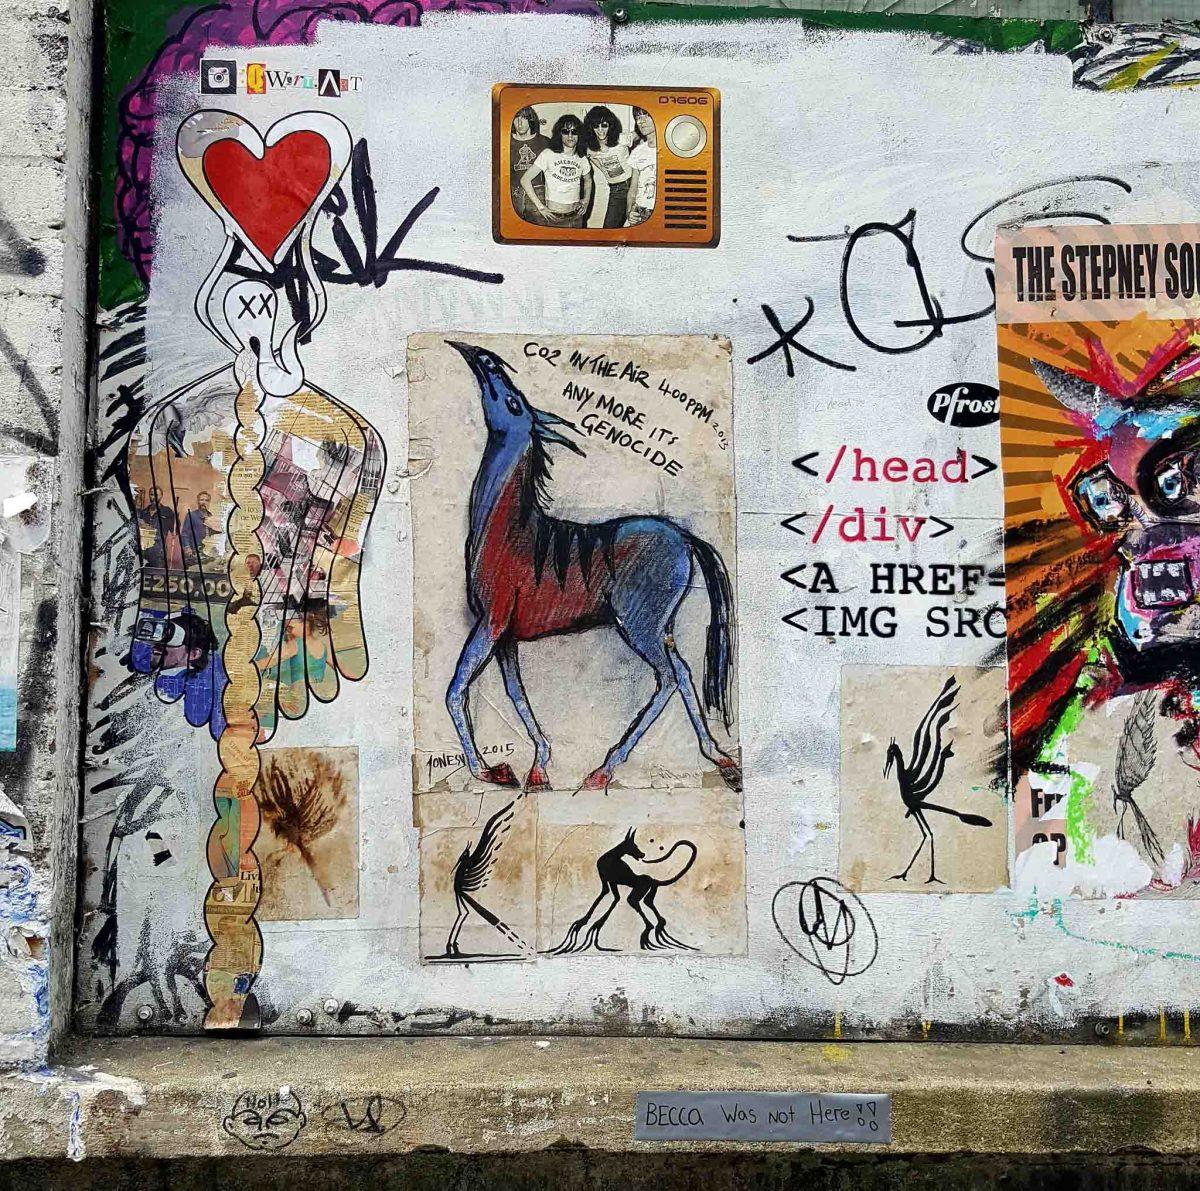 PasteUps by Jonesy in London